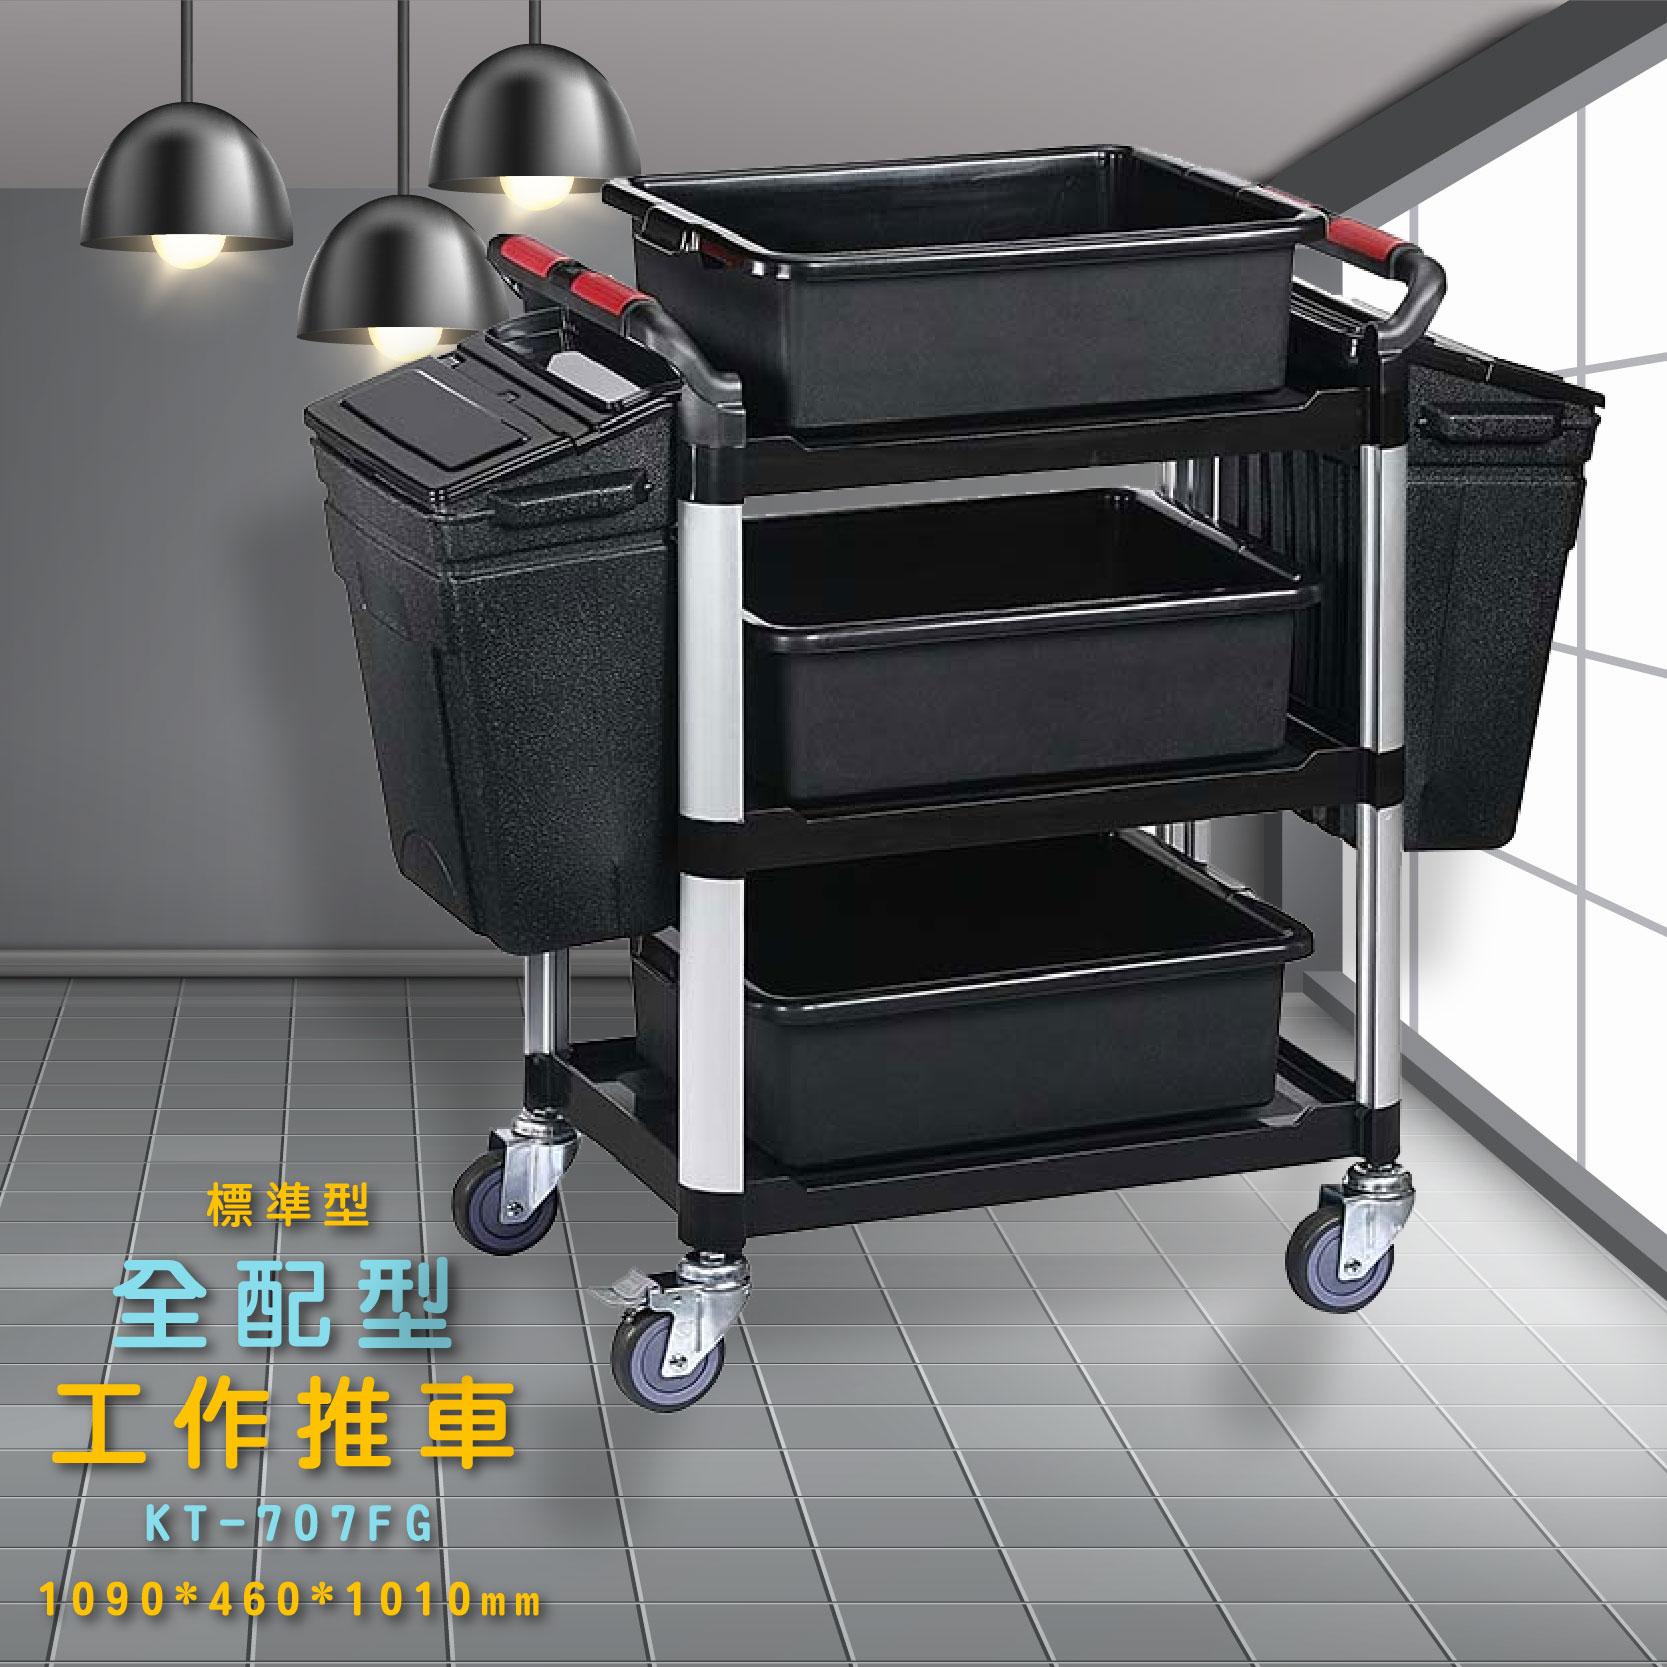 標準型全配型三層工作推車(中) KT-707FG 餐車 服務車 分層推車 置物架 手推車 左右掛桶 收納盒 餐飲